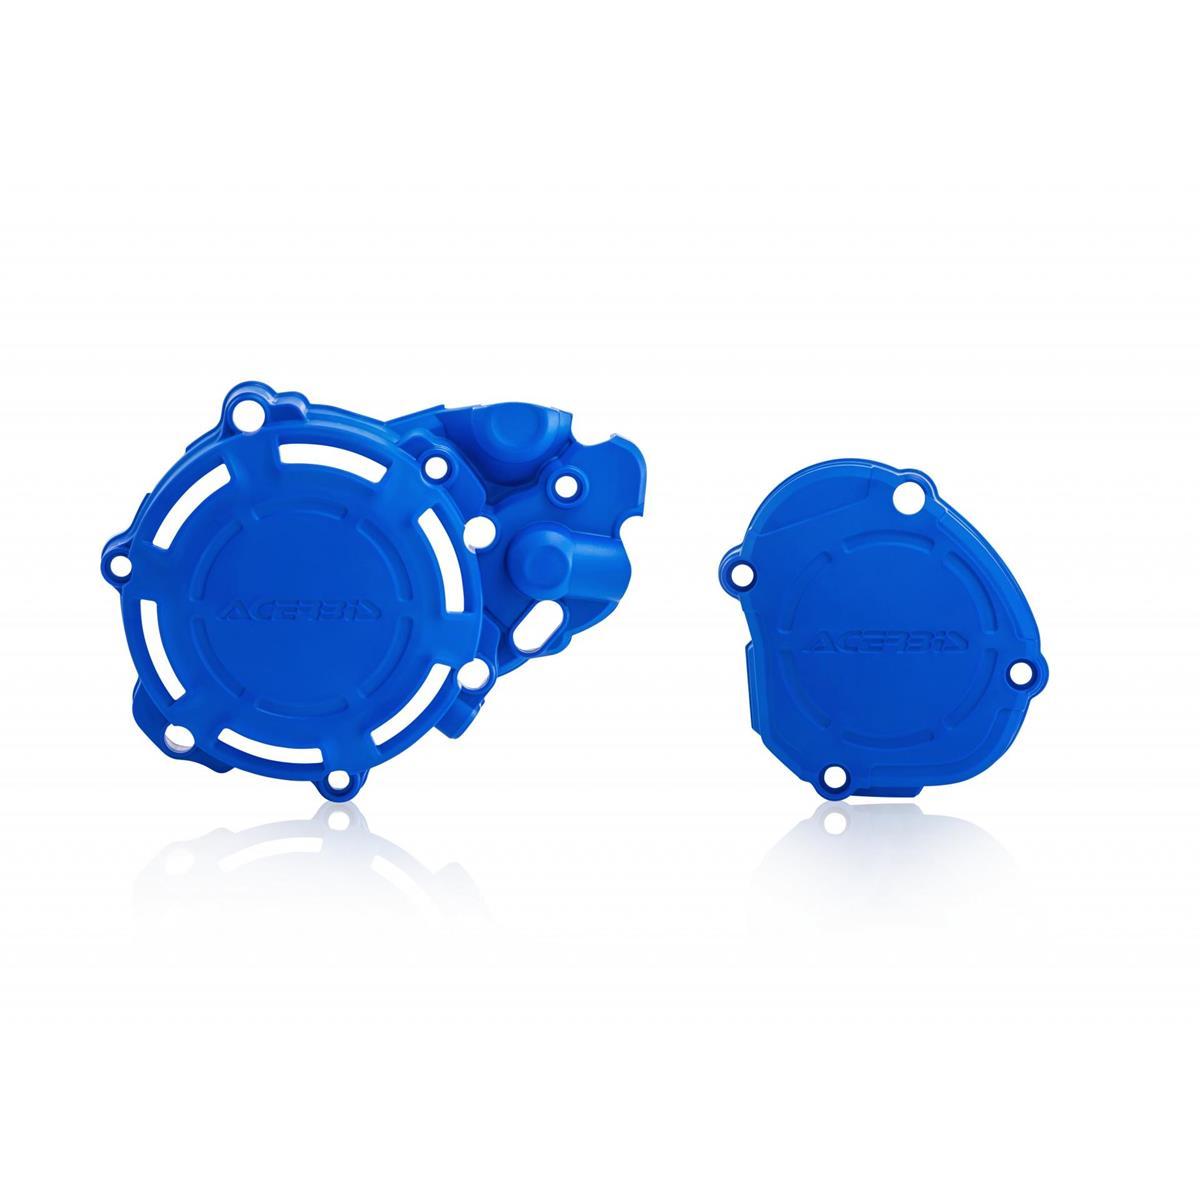 Acerbis Kupplungs/Zündungsdeckelschutz X-Power Yamaha YZ 125 05-19, Blau